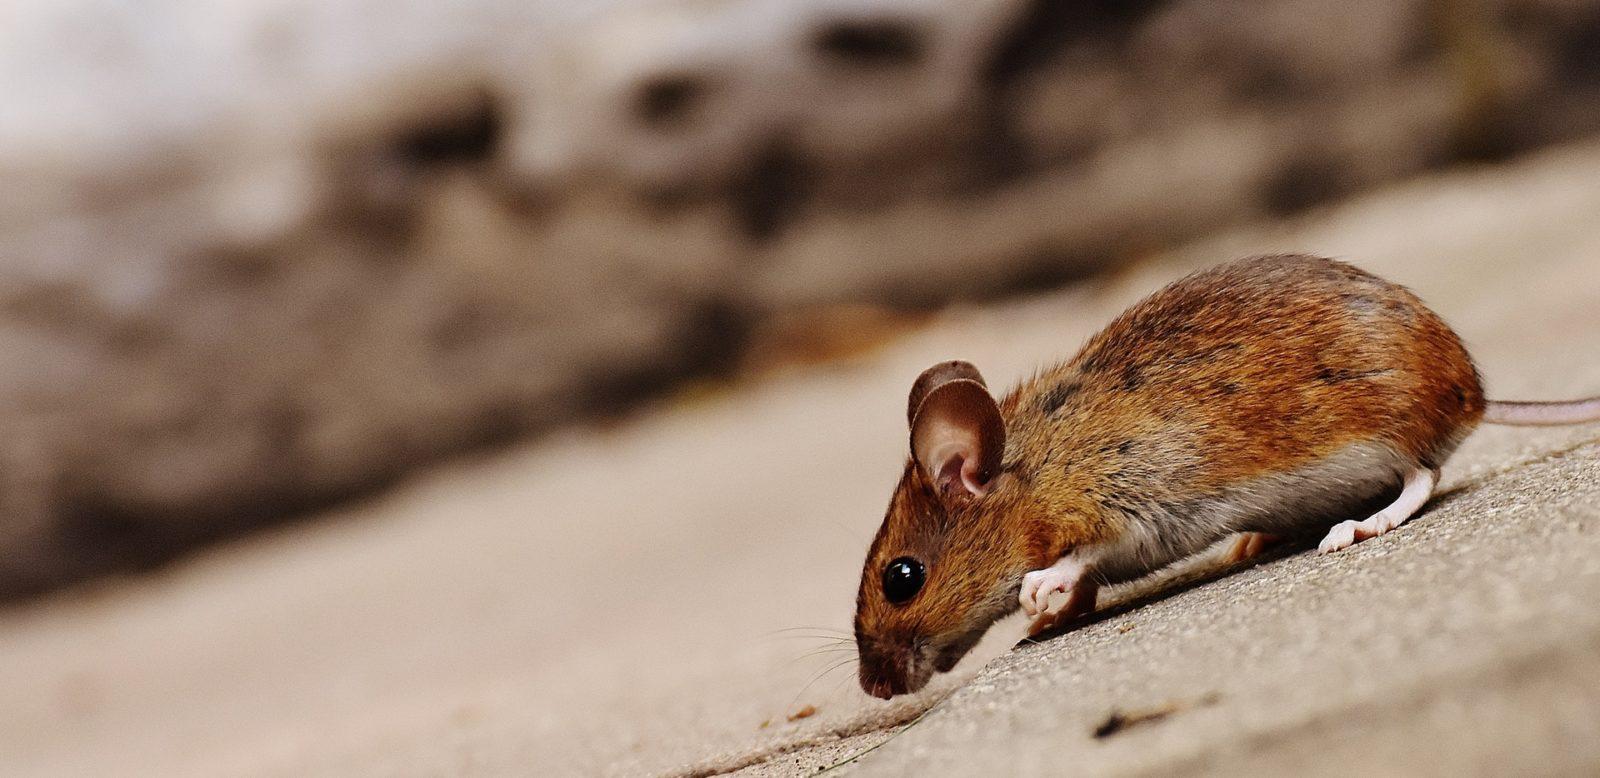 Sonhar com rato morrendo significa que algum negócio irá começar.